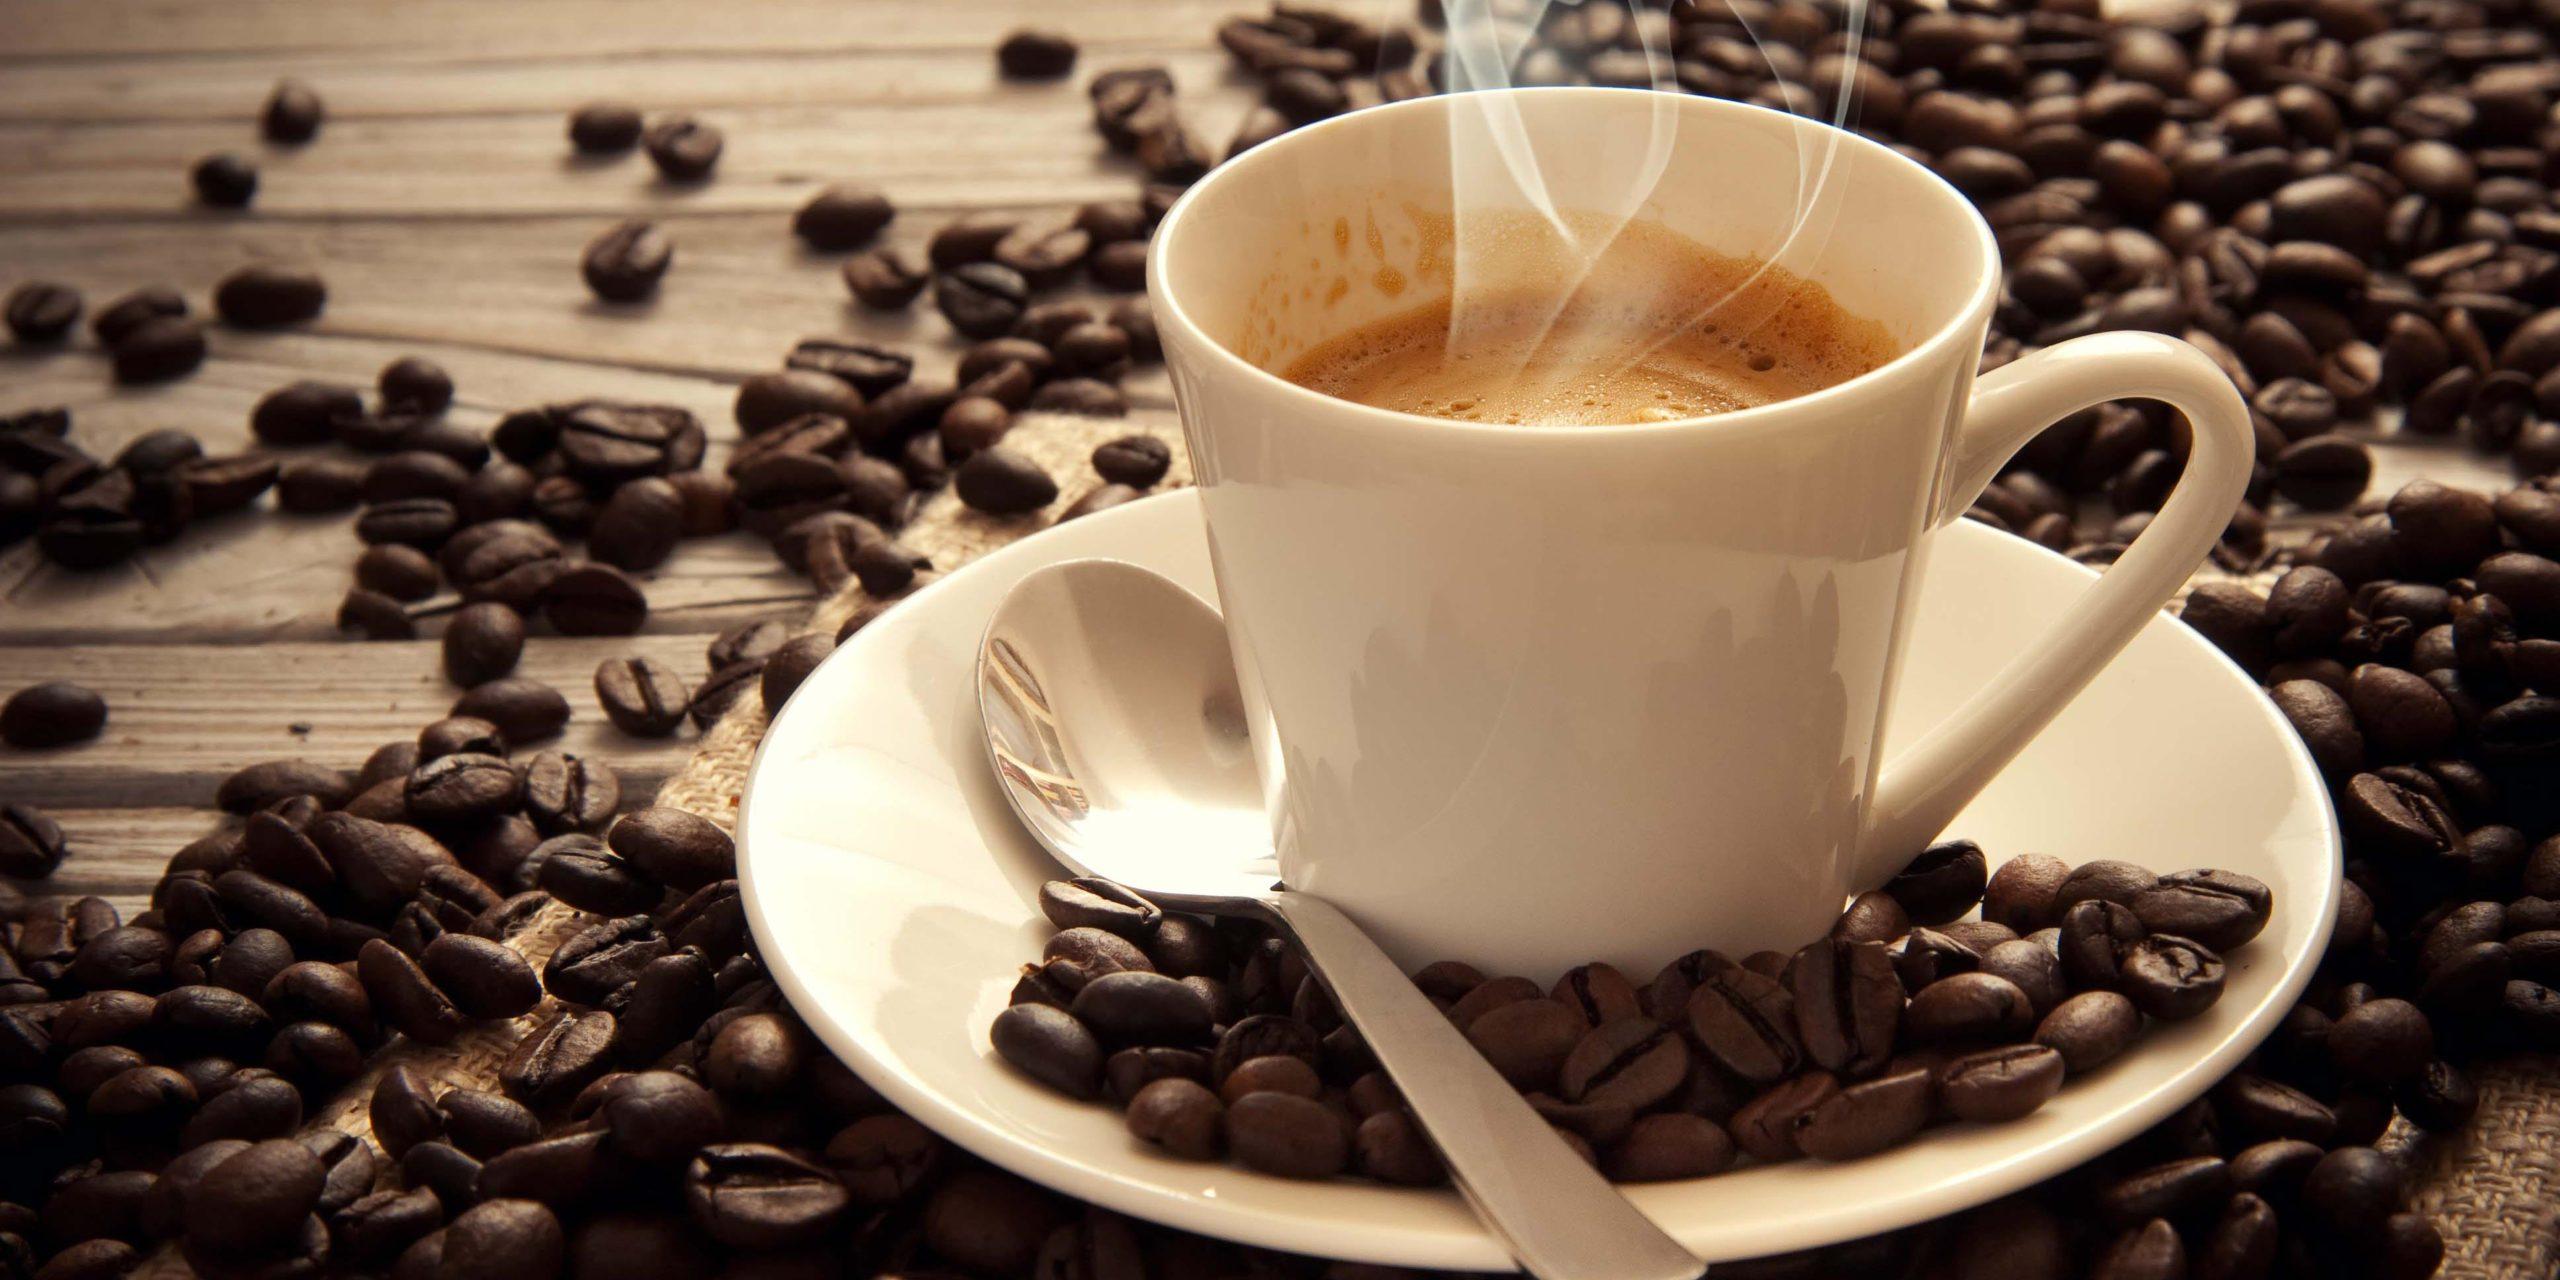 ¿Por qué recalentar el café es el peor error que podrías hacer? | El Imparcial de Oaxaca